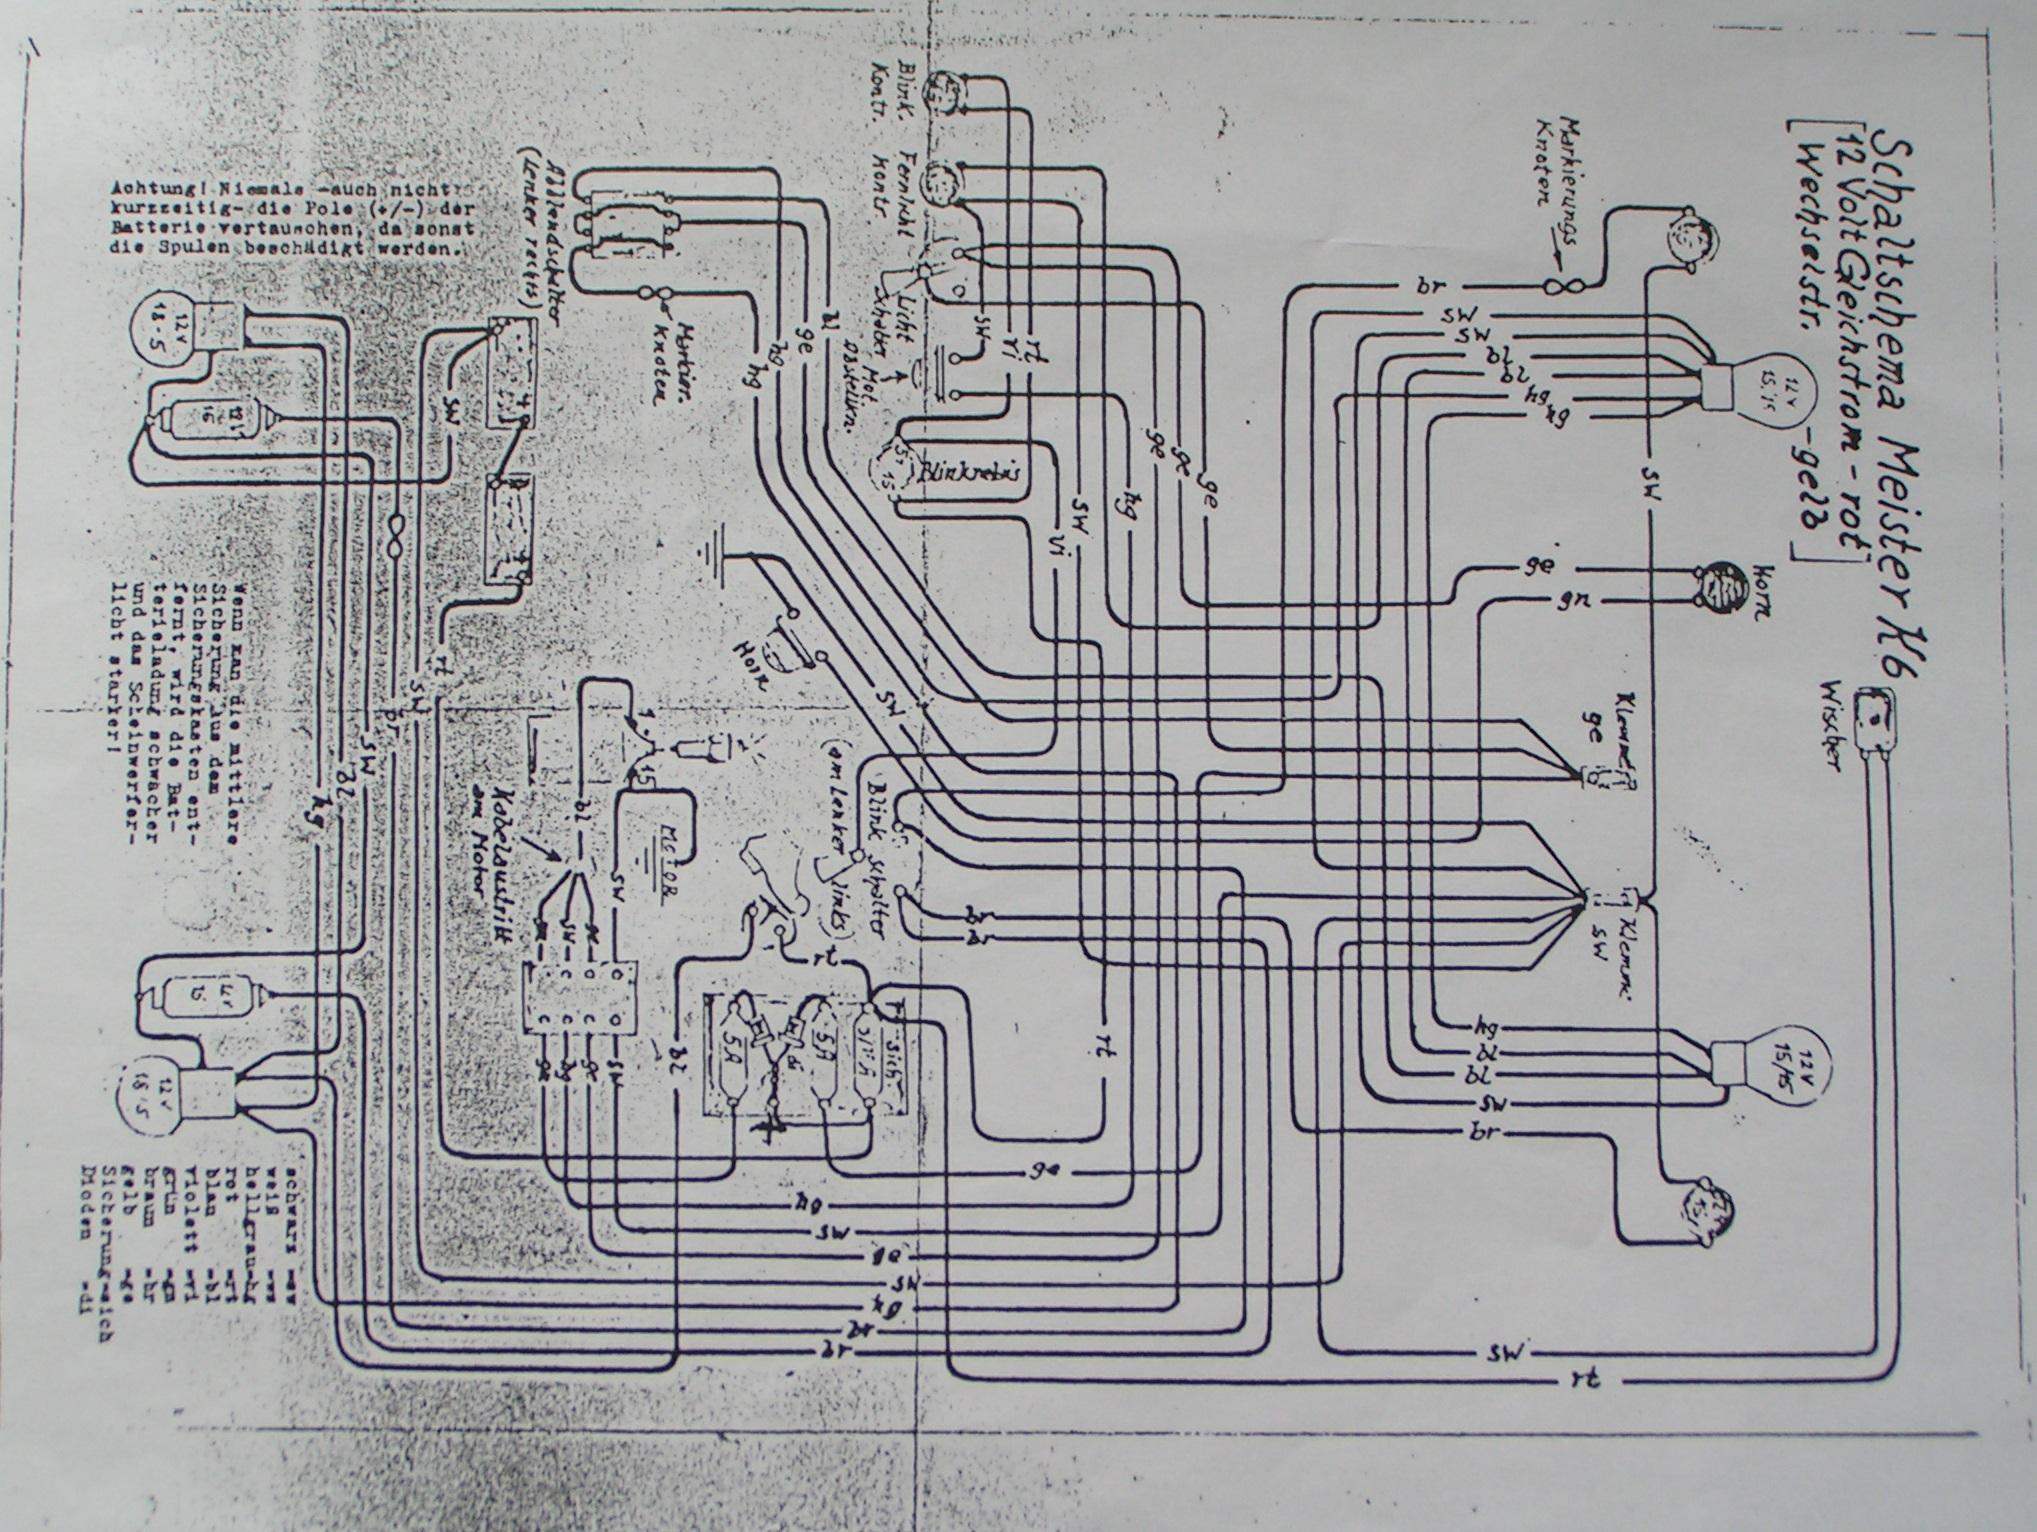 Großzügig Original Schaltplan Bilder - Die Besten Elektrischen ...